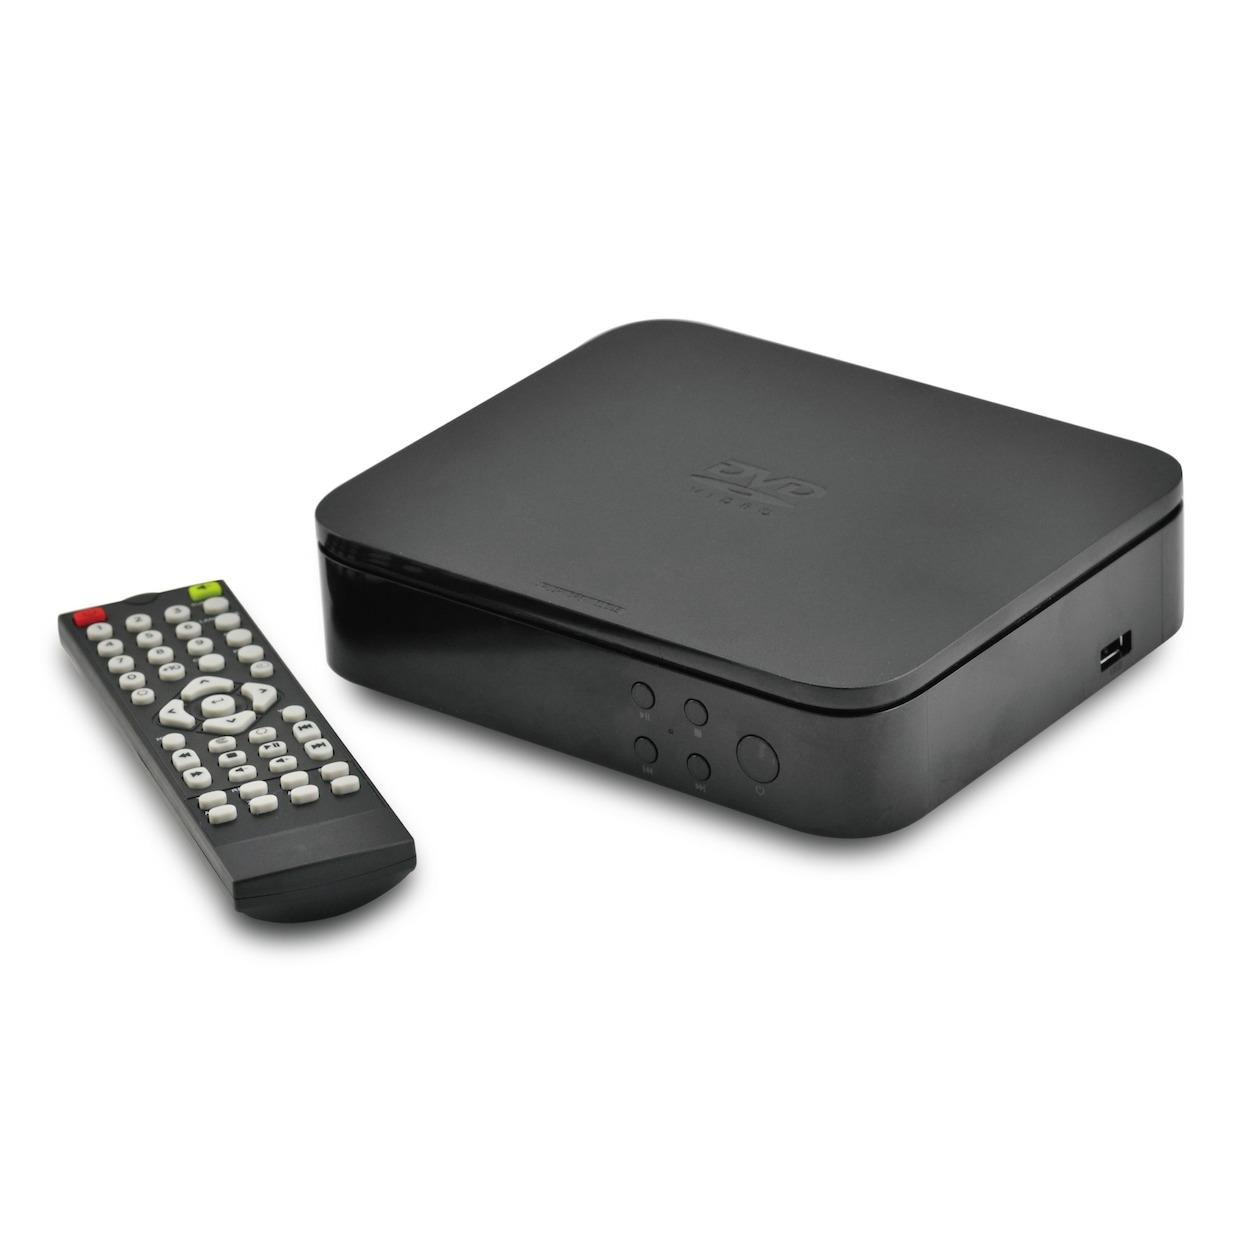 897fbc797086a7 De dvd180 is een kleine maar krachtige dvd speler die u overal gemakkelijk  kan plaatsen.